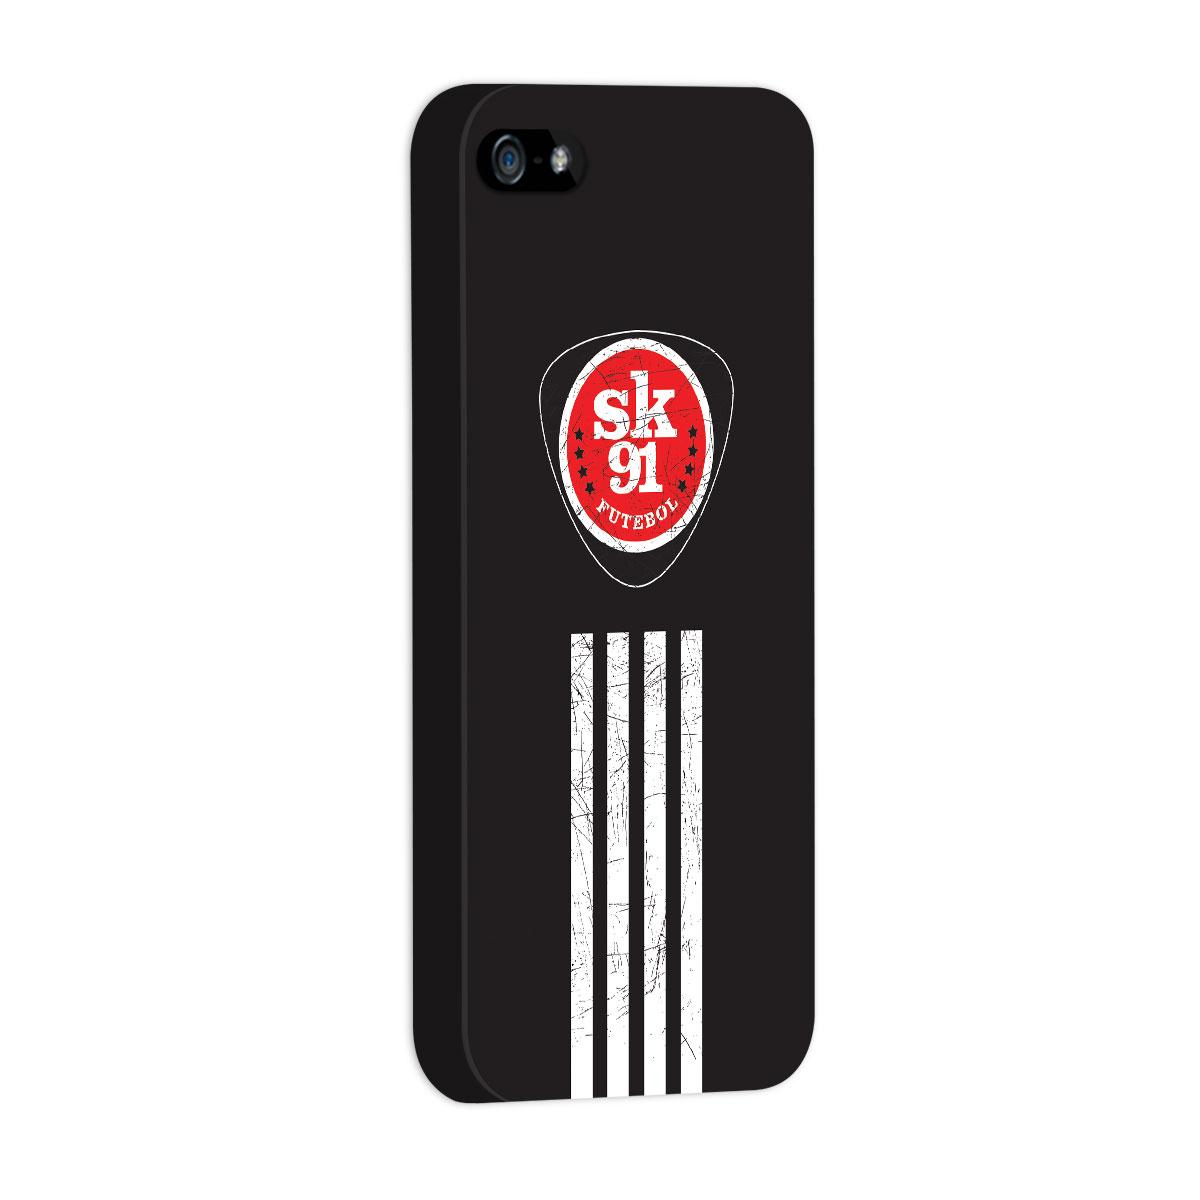 Capa de iPhone 5/5S Skank Futebol